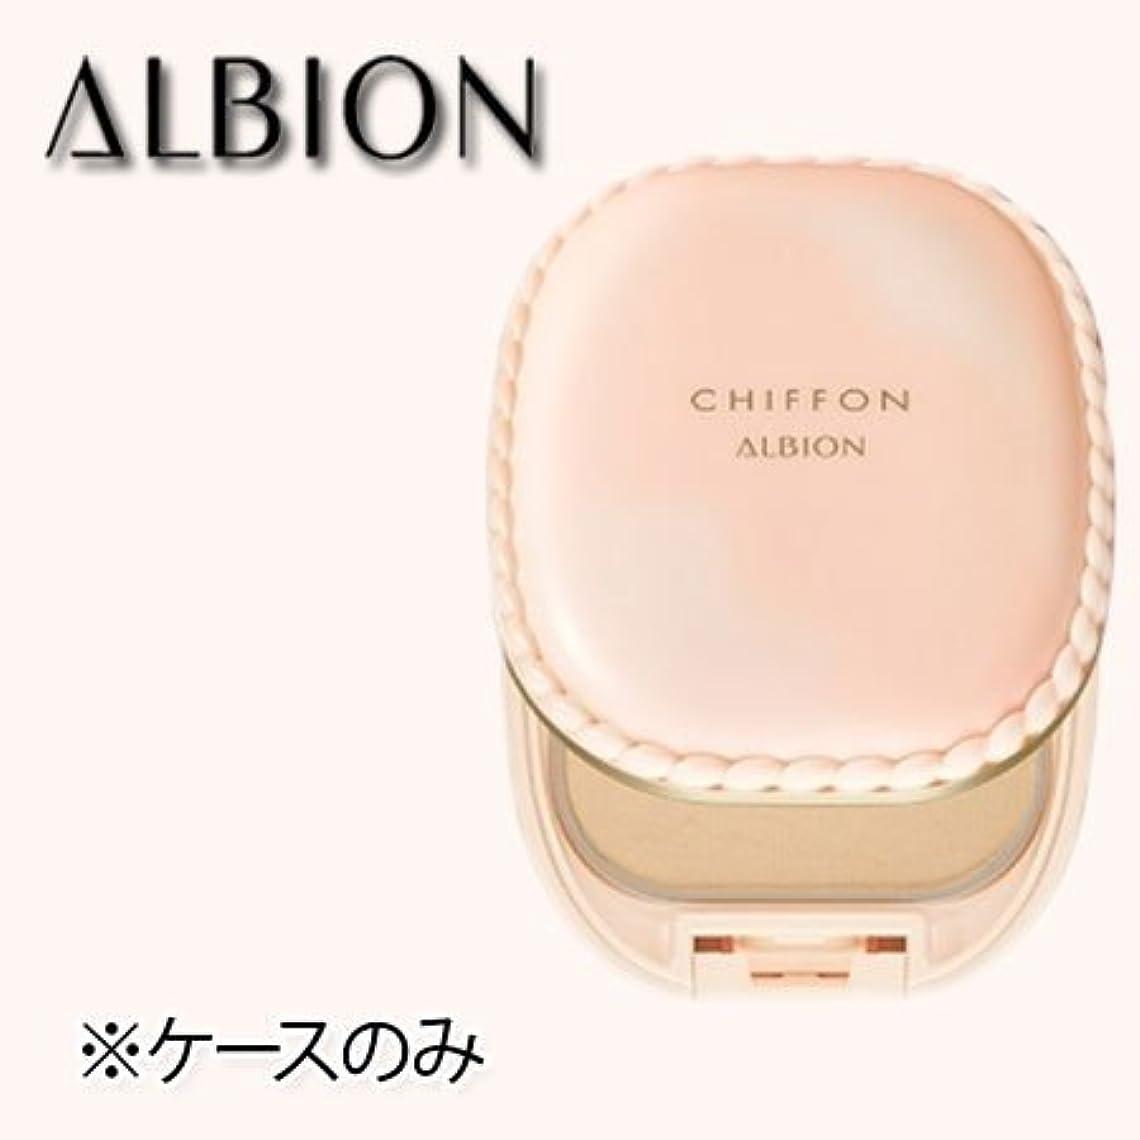 化学検体表示アルビオン スウィート モイスチュア シフォンケース (マット付ケース) -ALBION-